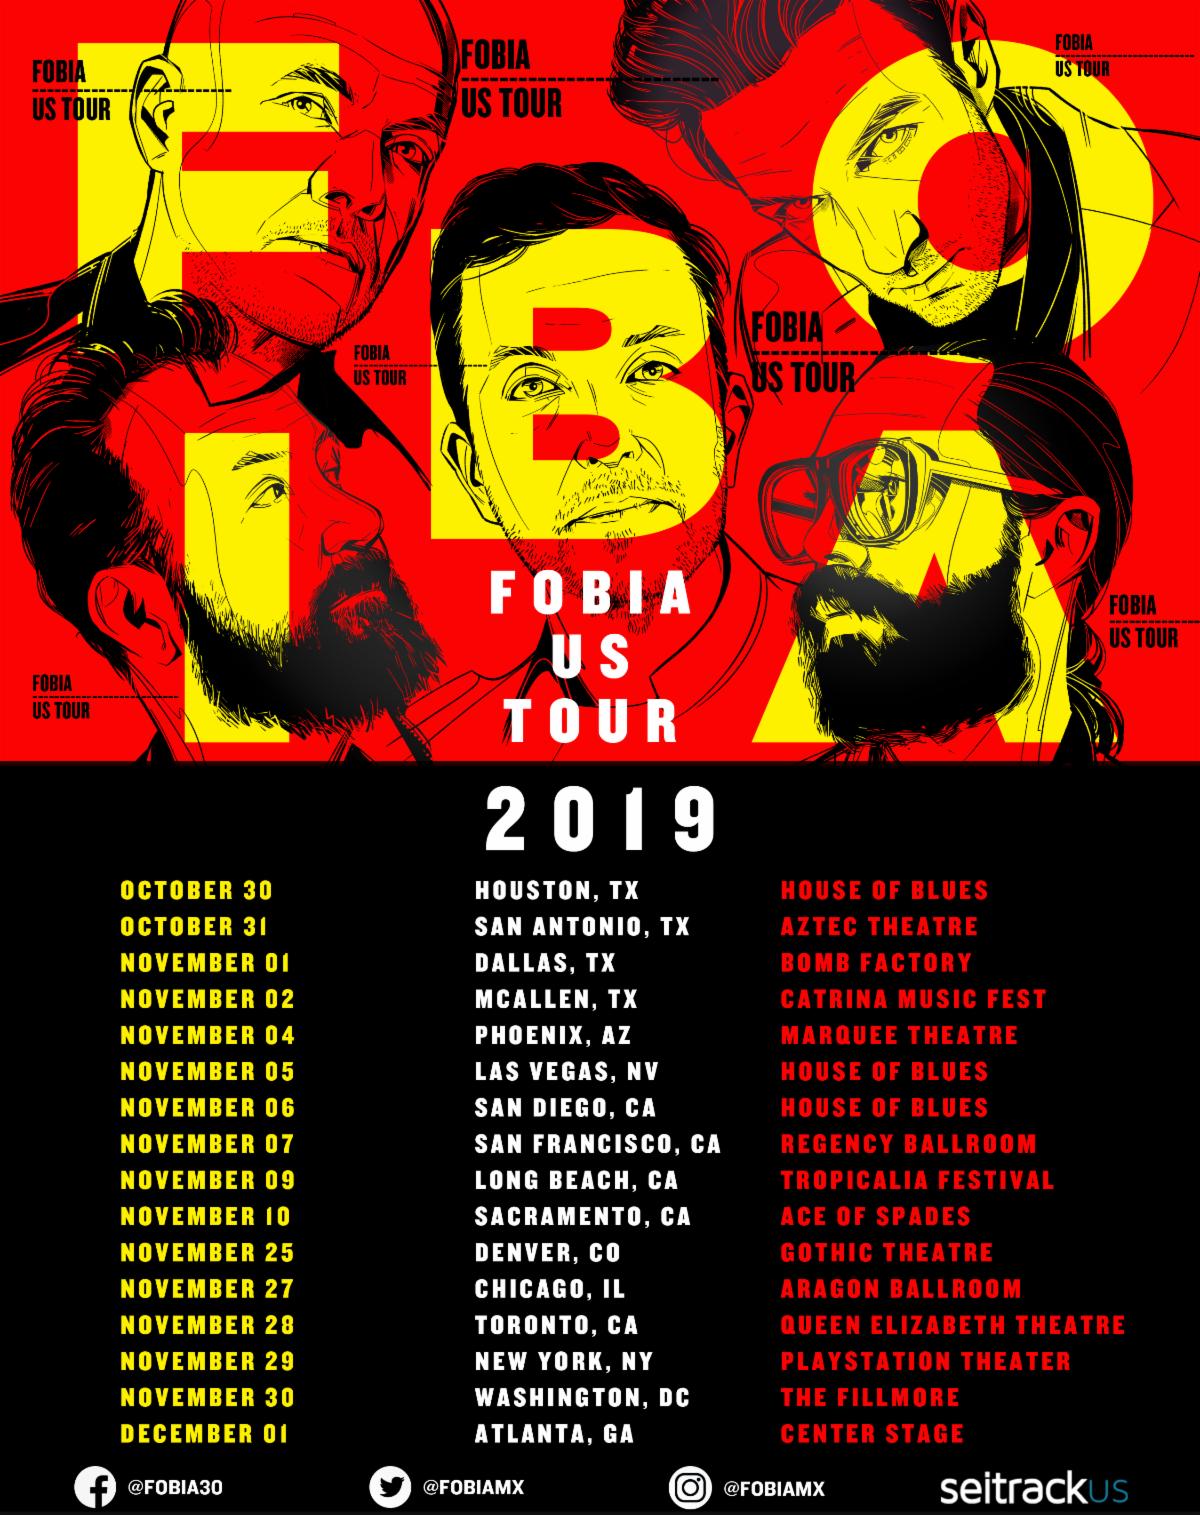 Gira de Fobia 2019